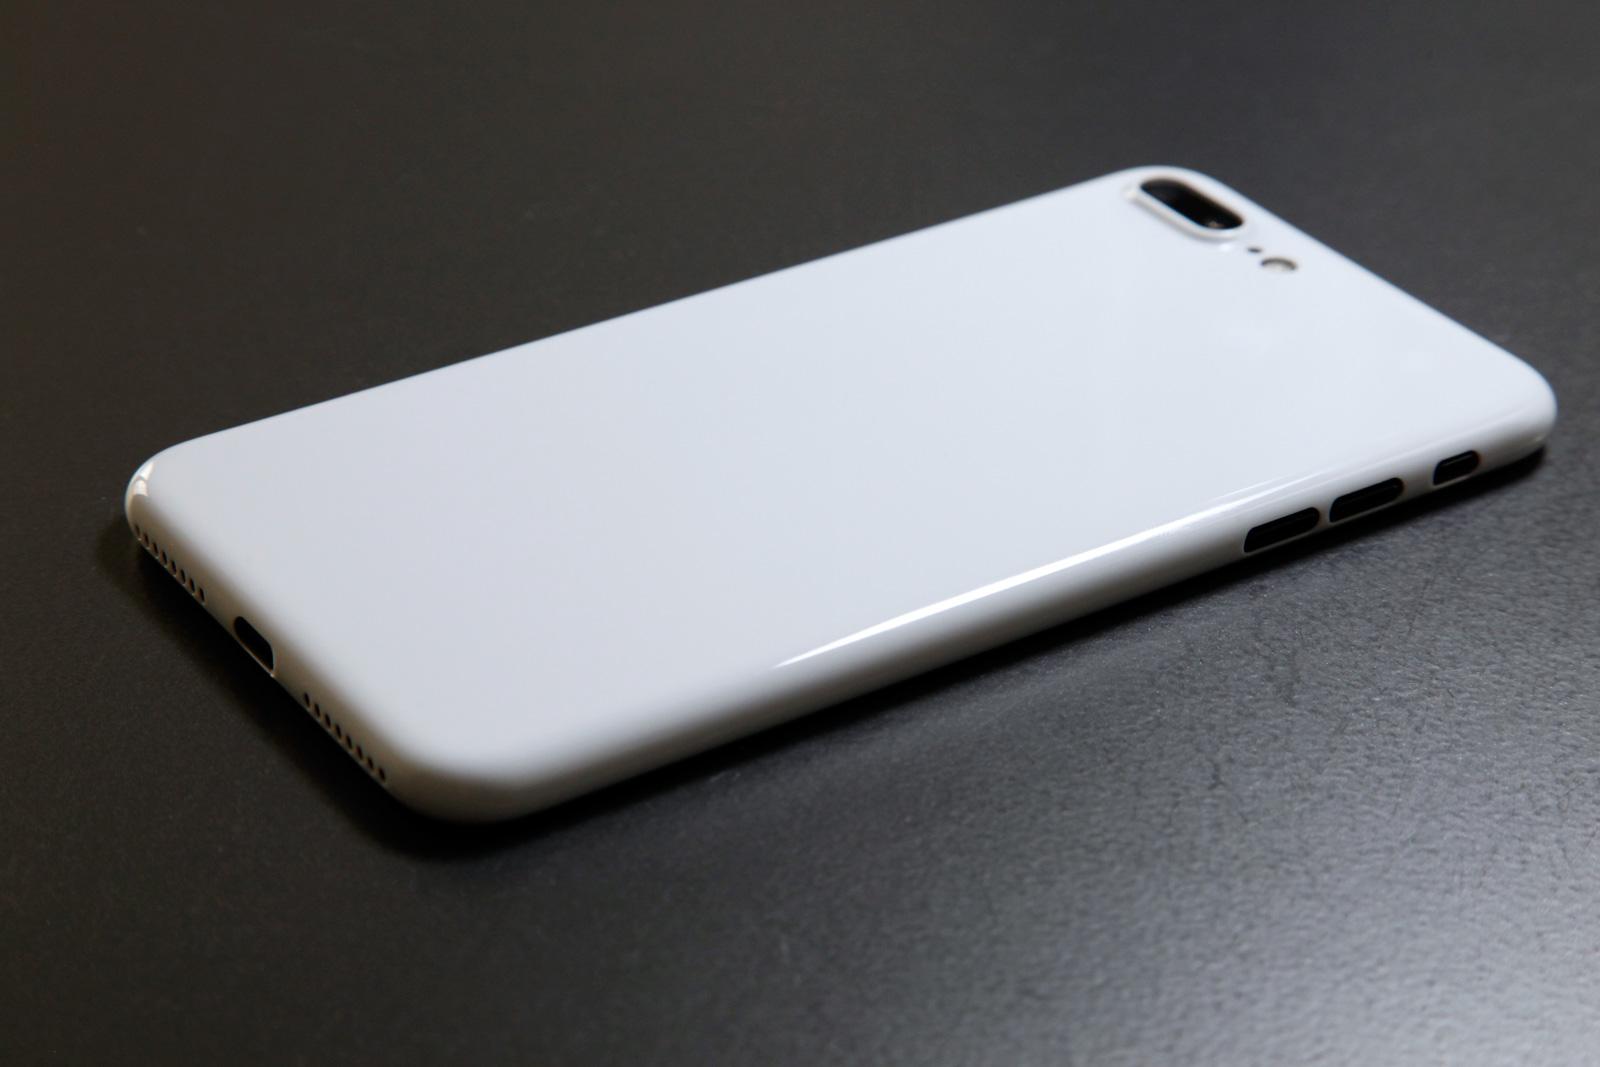 iPhone 7 sales Q4 2016